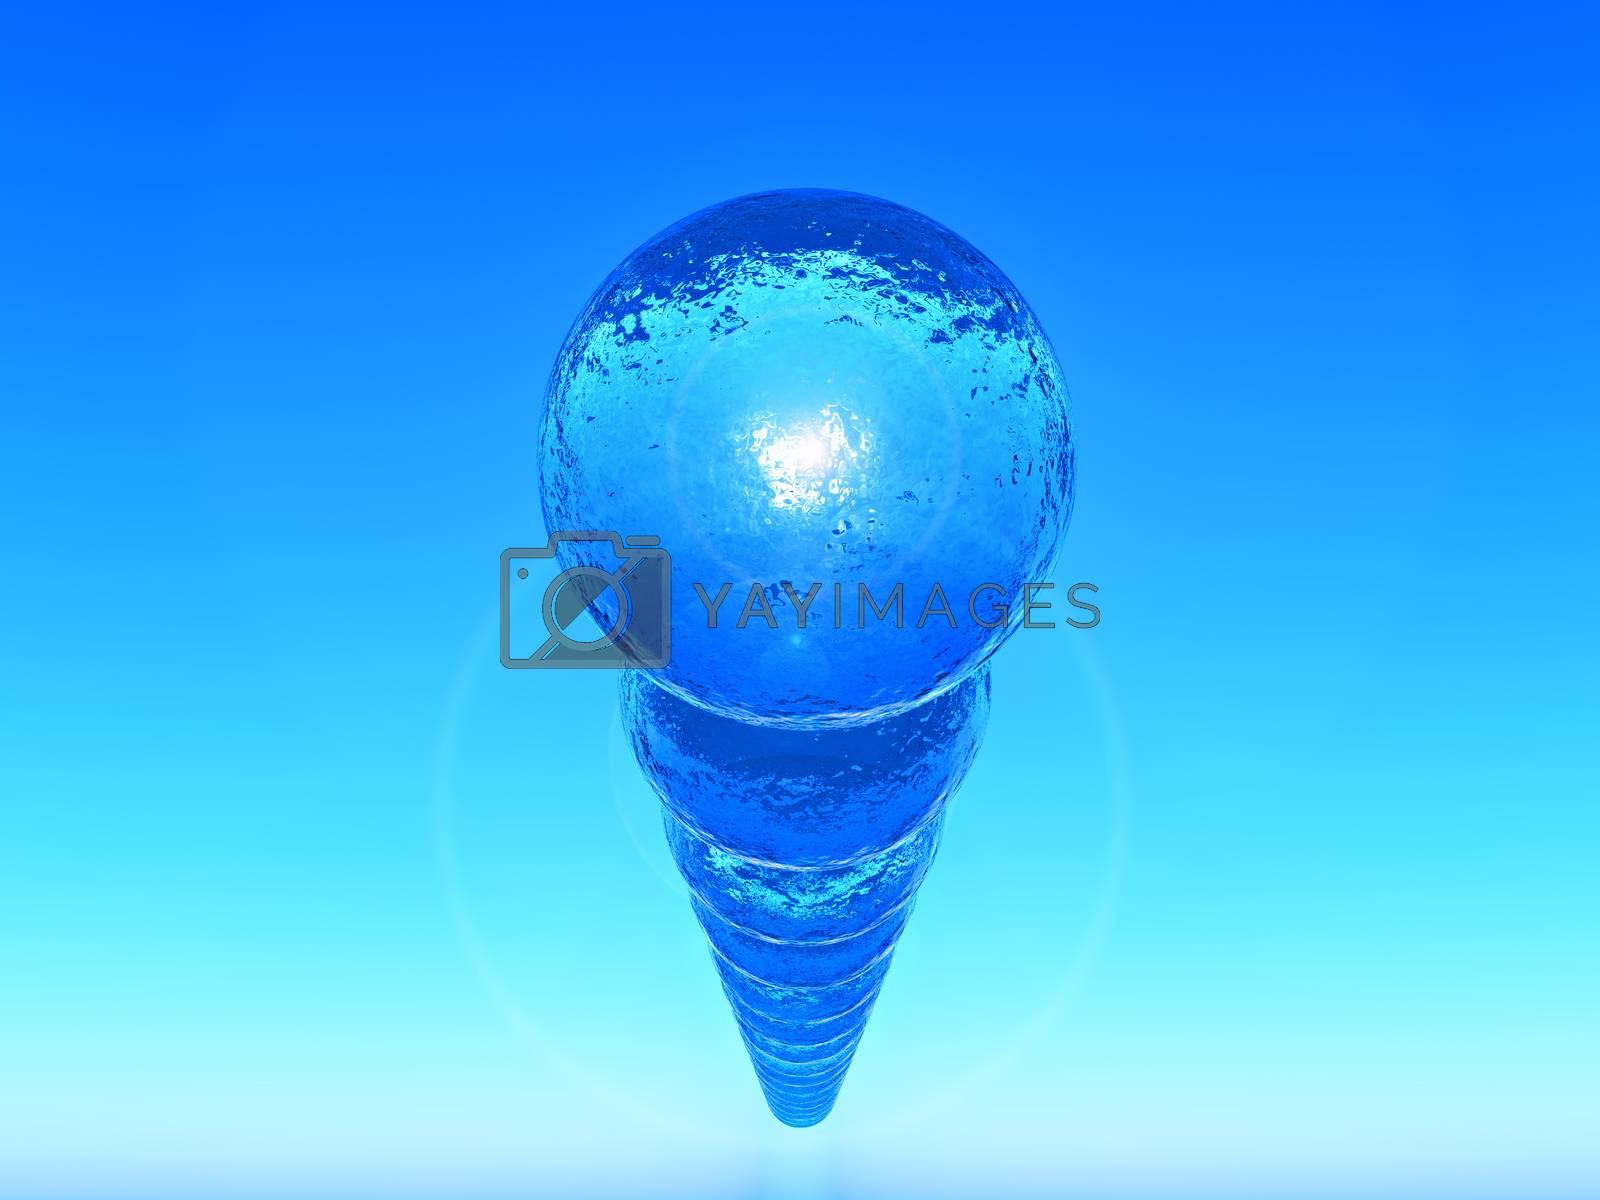 range of blue sphere